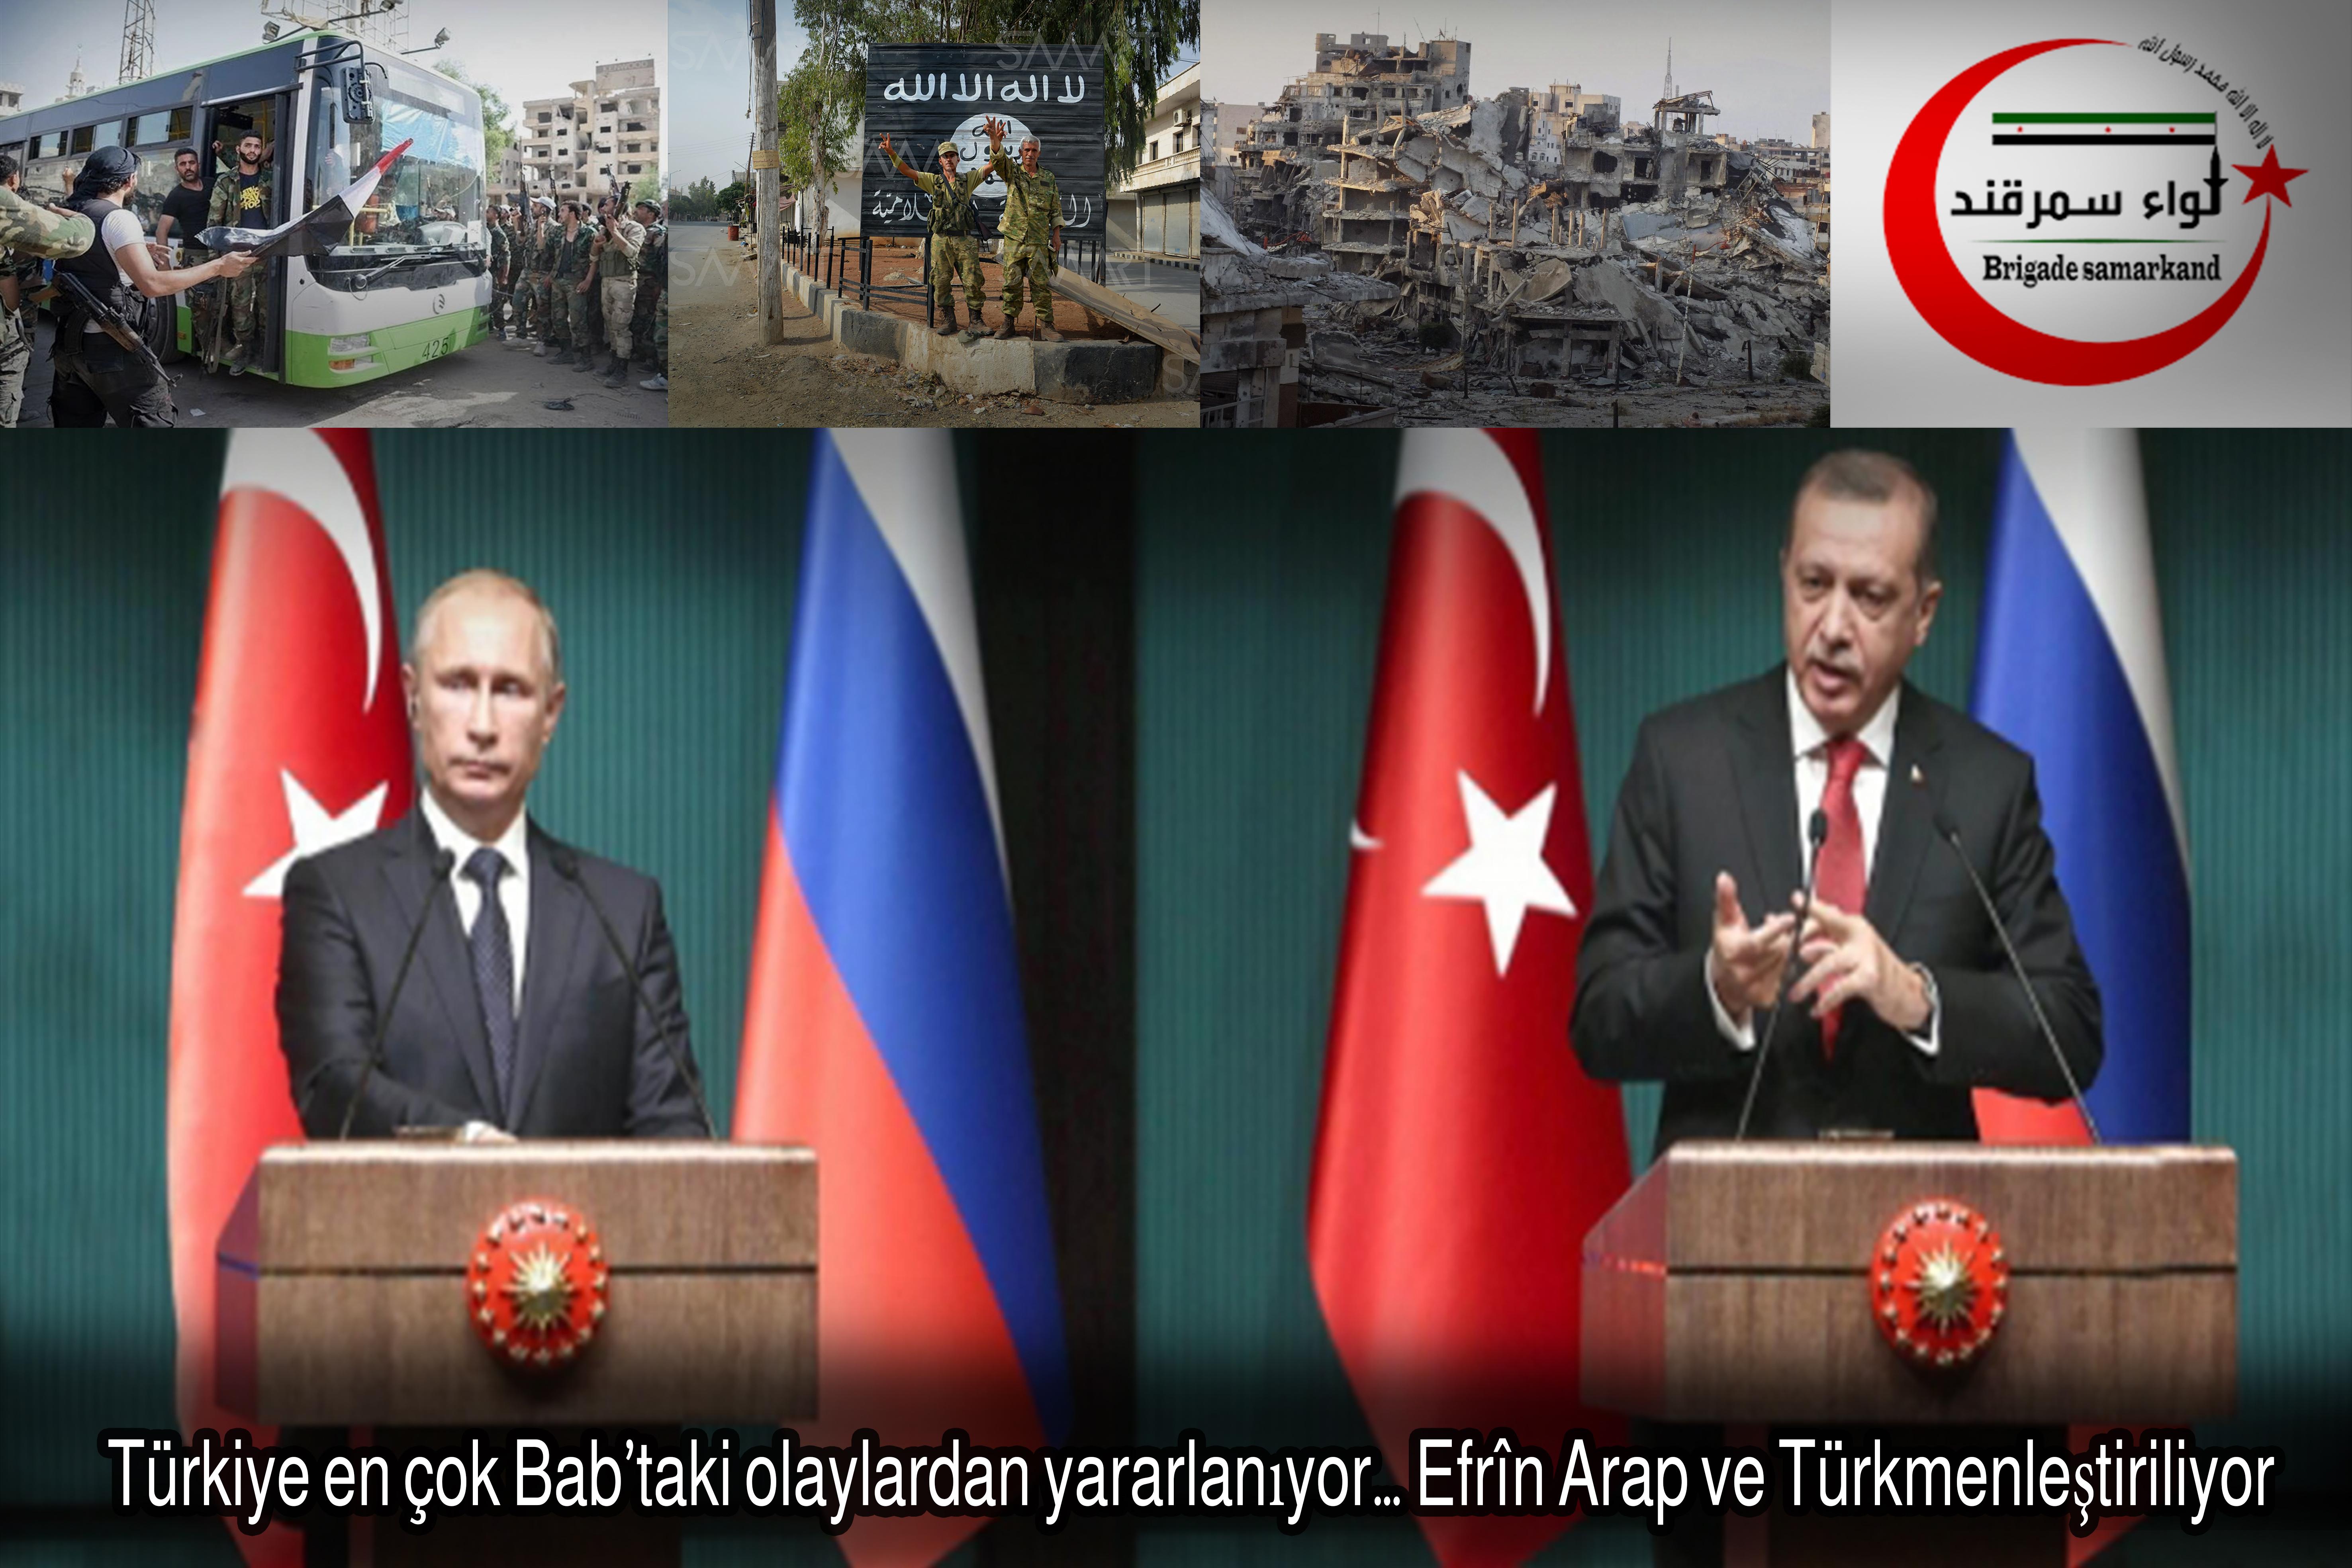 Türkiye çete grupları arasındaki çatışmaları planları doğrultusunda yönetiyor -1